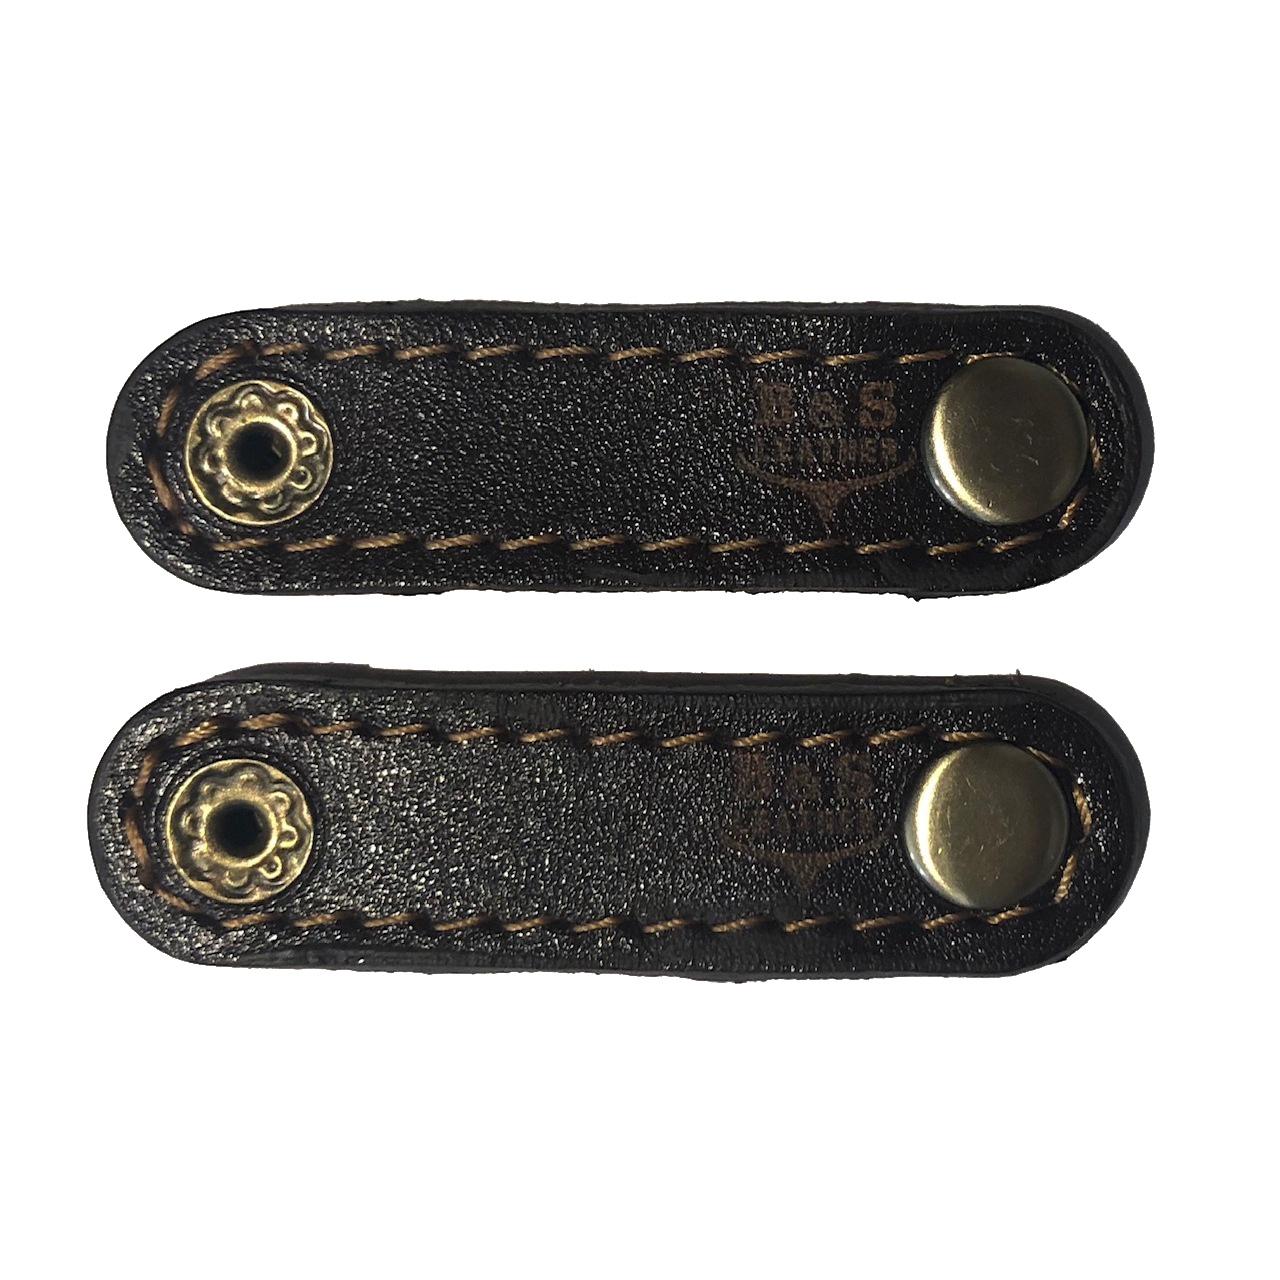 نگهدارنده کابل هندزفری و شارژ چرم طبیعی – دست دوز مدل EG بسته 2 عددی رنگ قهوه ای B&S Leather               ( قیمت و خرید)